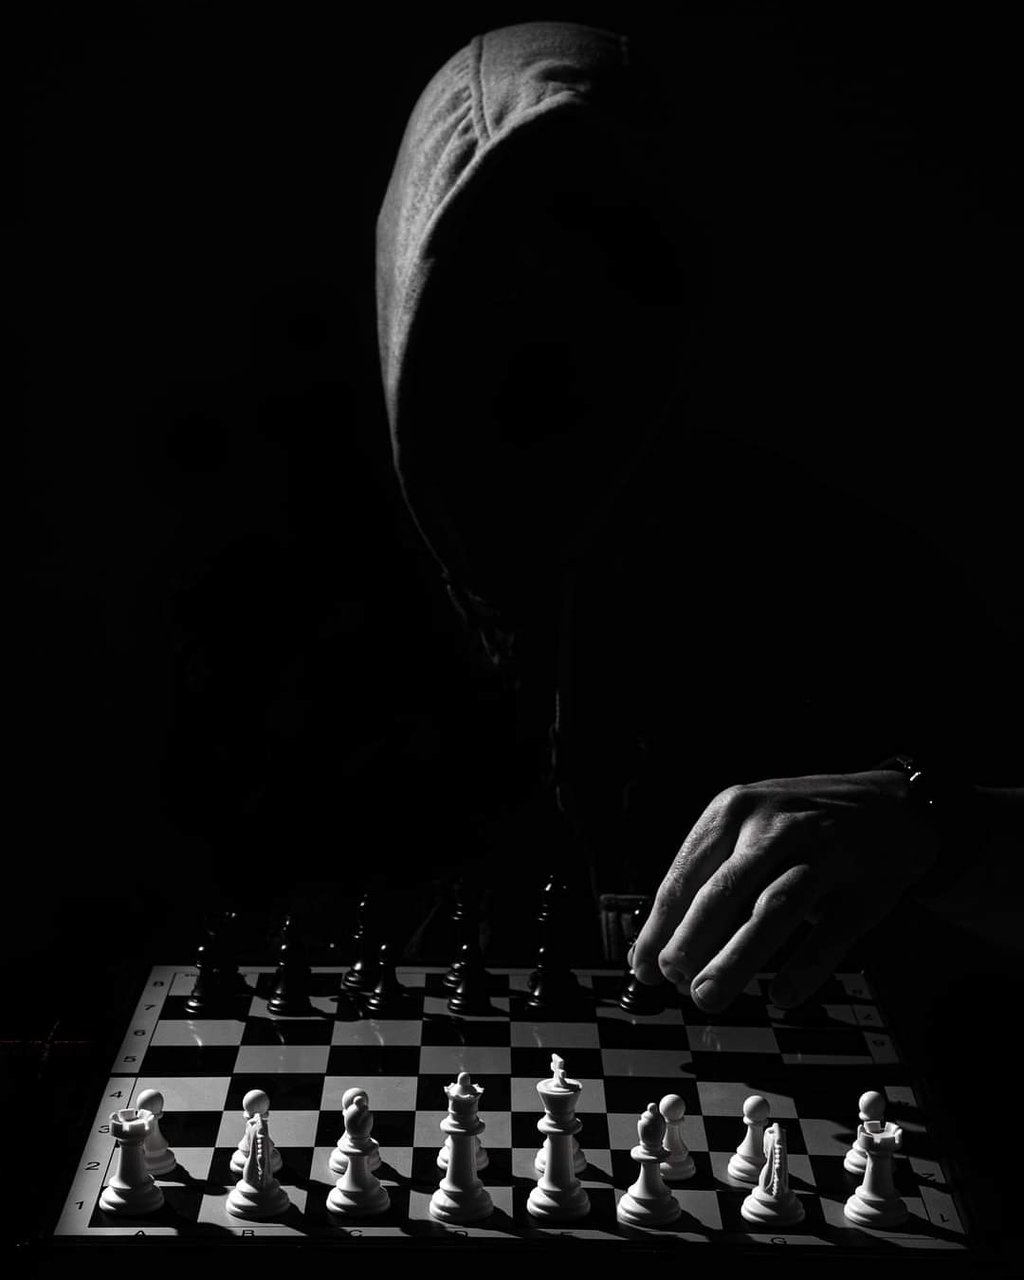 Шах | Author Zlatin  Spasov  - Zlateen | PHOTO FORUM